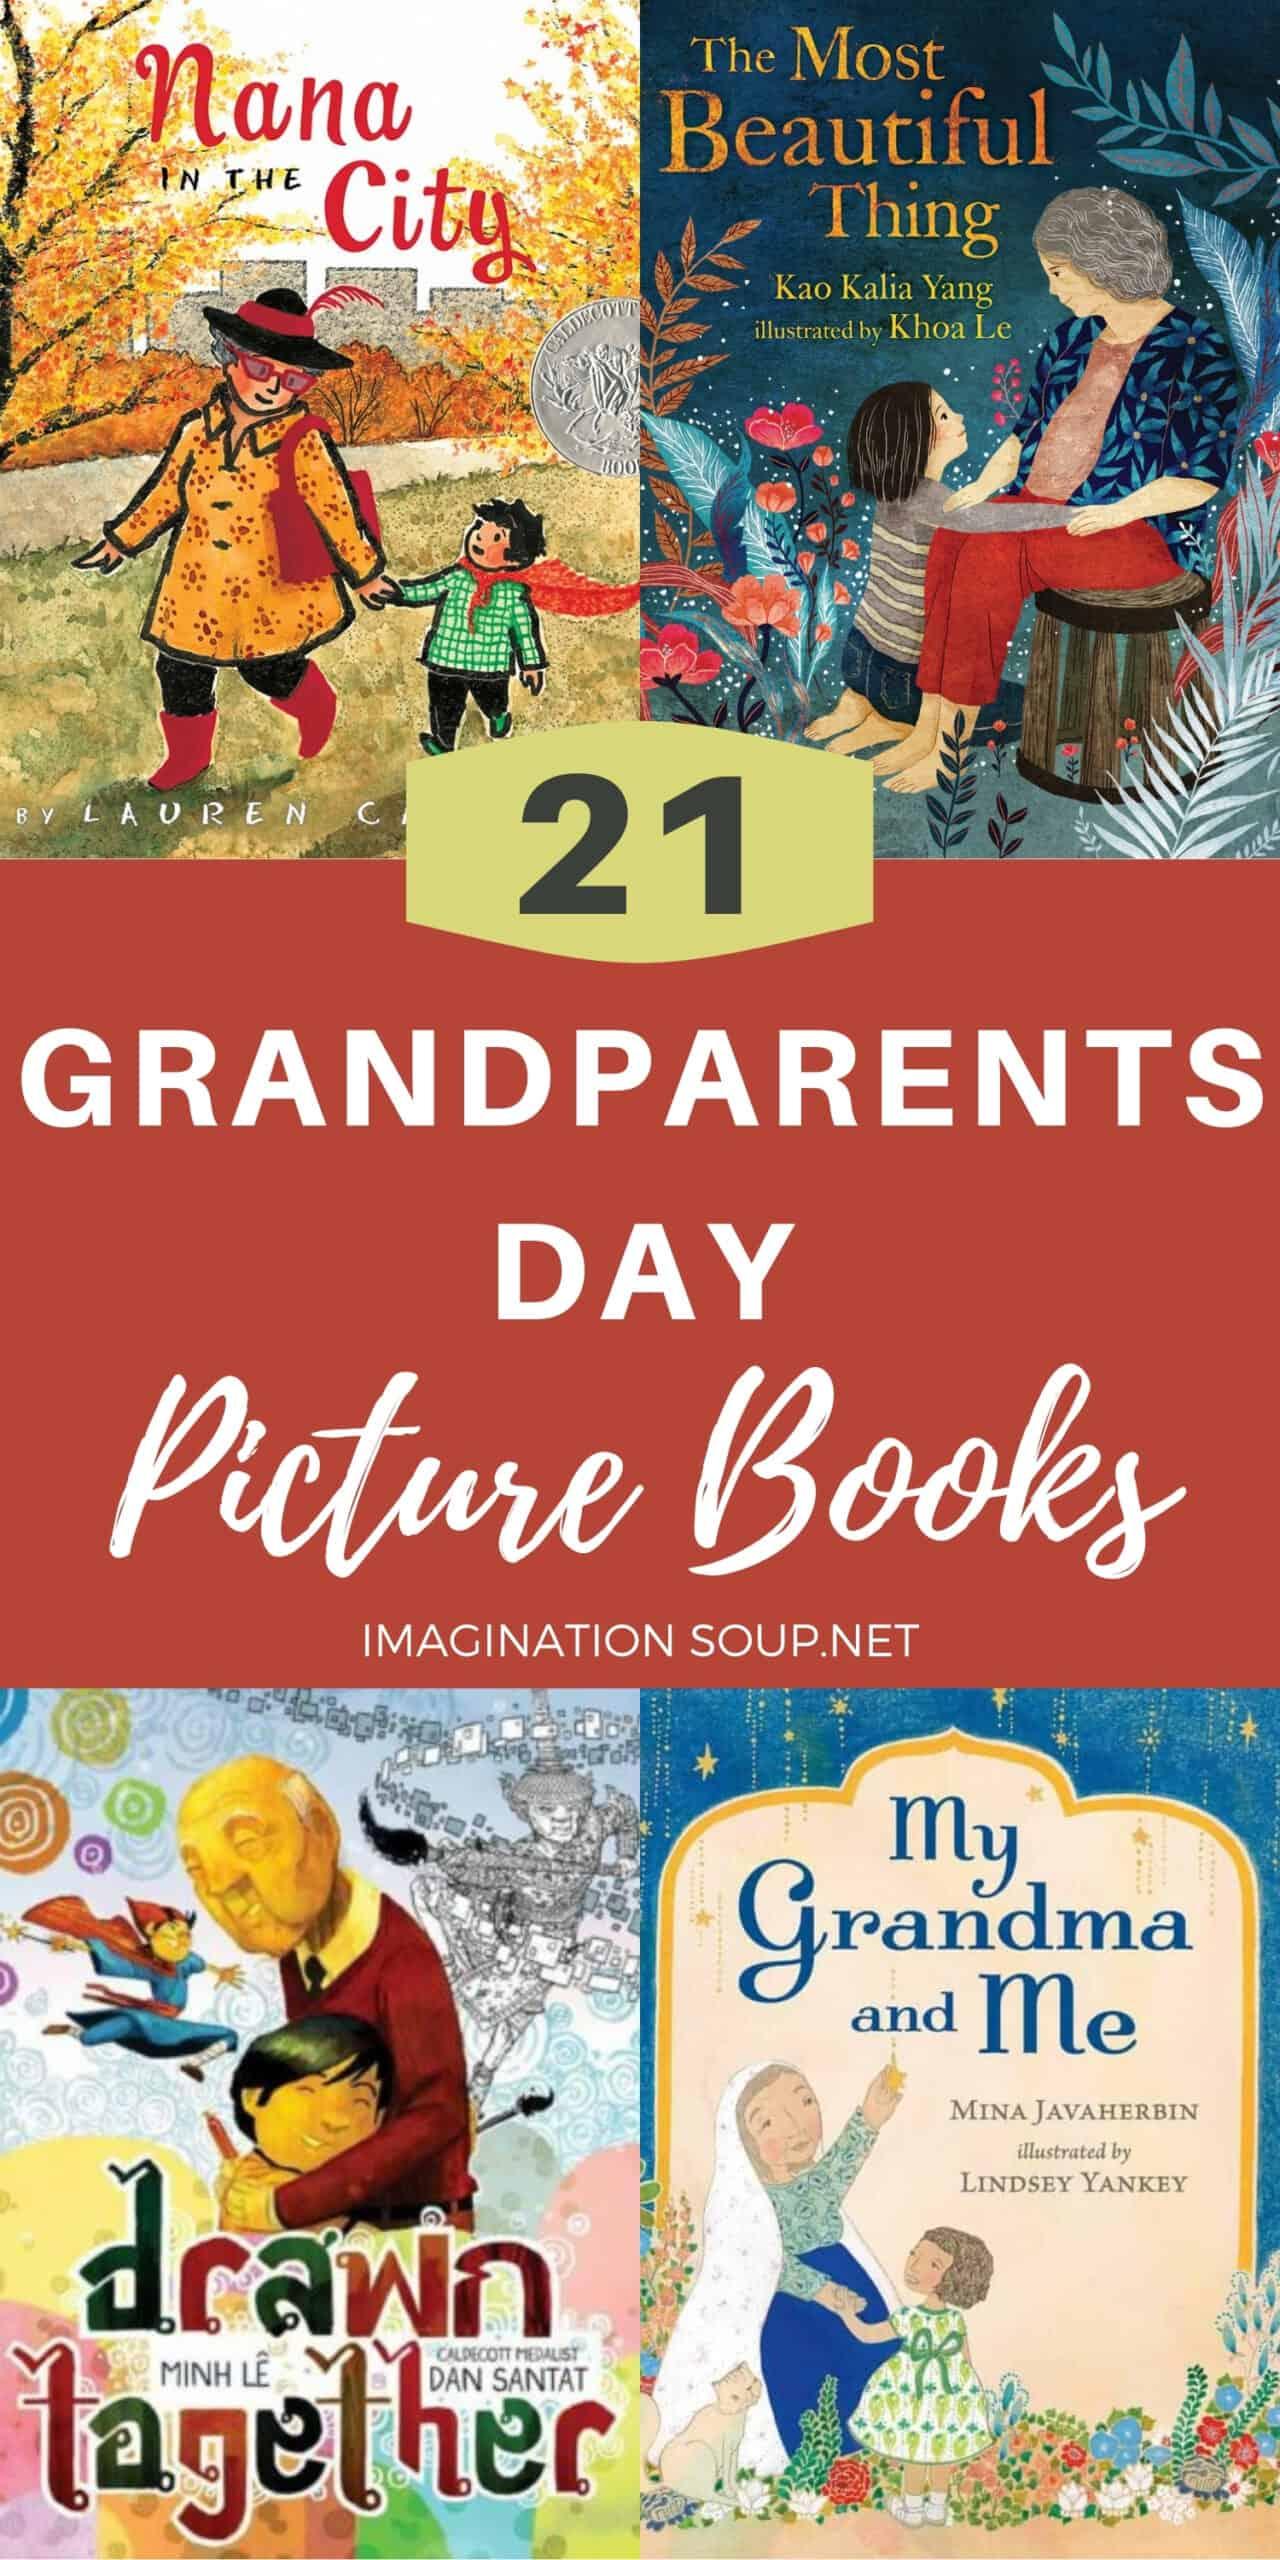 21 Grandparents Day Picture Books